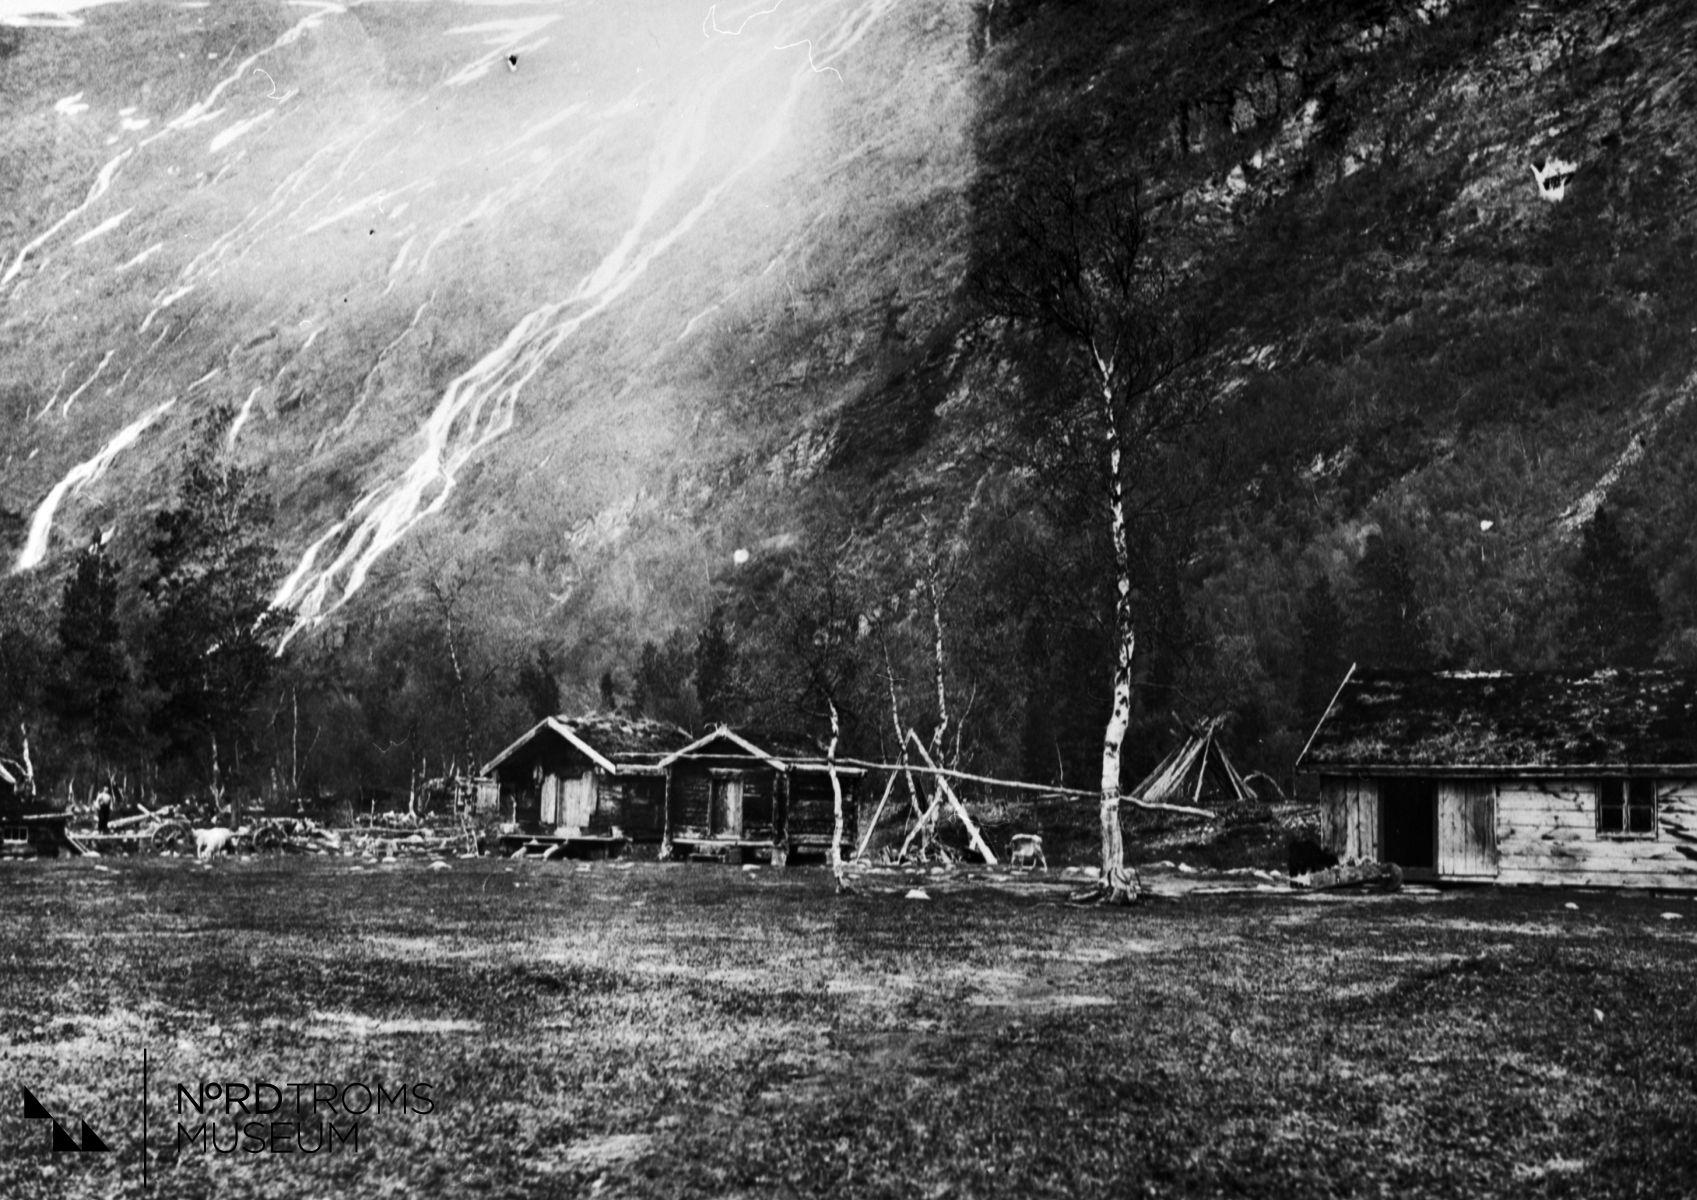 Henrik Solheims gård i Noreisadalen. Potkafossen i bakgrunnen. 90 forteller at brødene ble stekt i en bakerovn i bårstugangen. Det ble bakt i to dager om gangen, tilsammen 104 brød. Fra venstre bårstue, bue, våningshus.